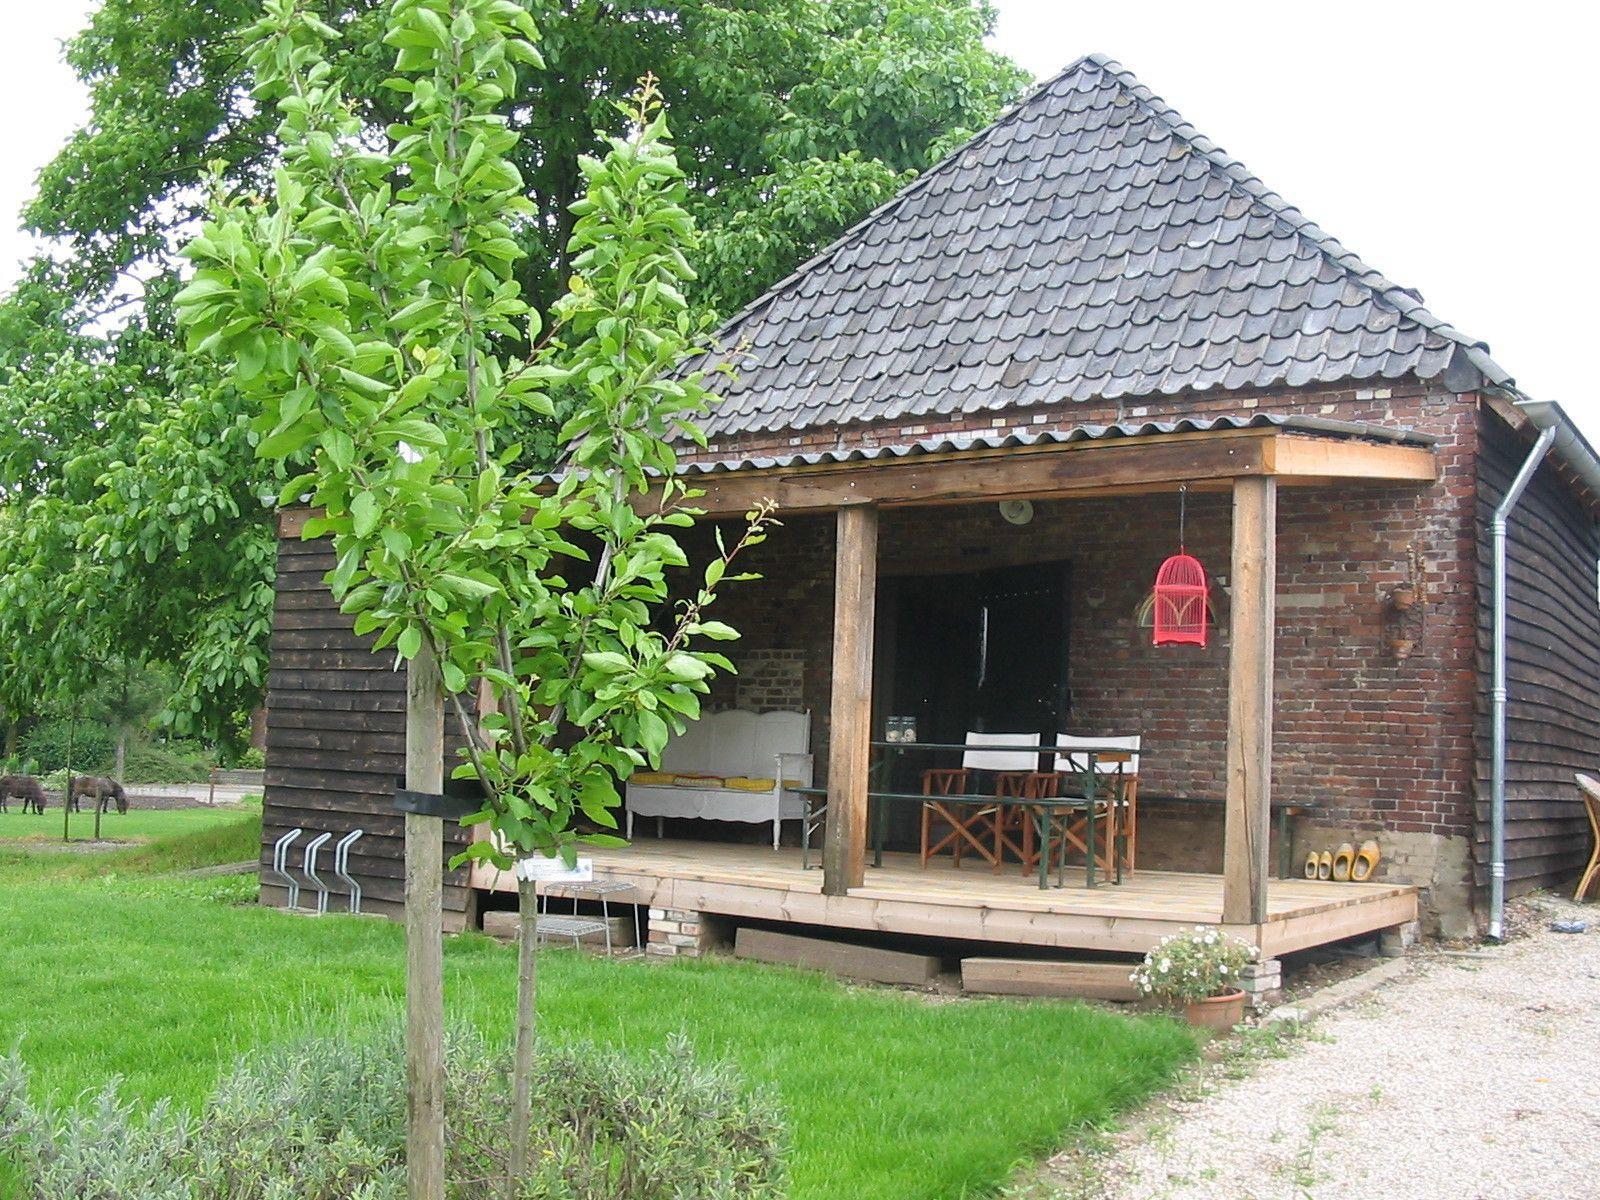 Ratelpopulier 't Achterhuis - vakantiehuis Gelderland